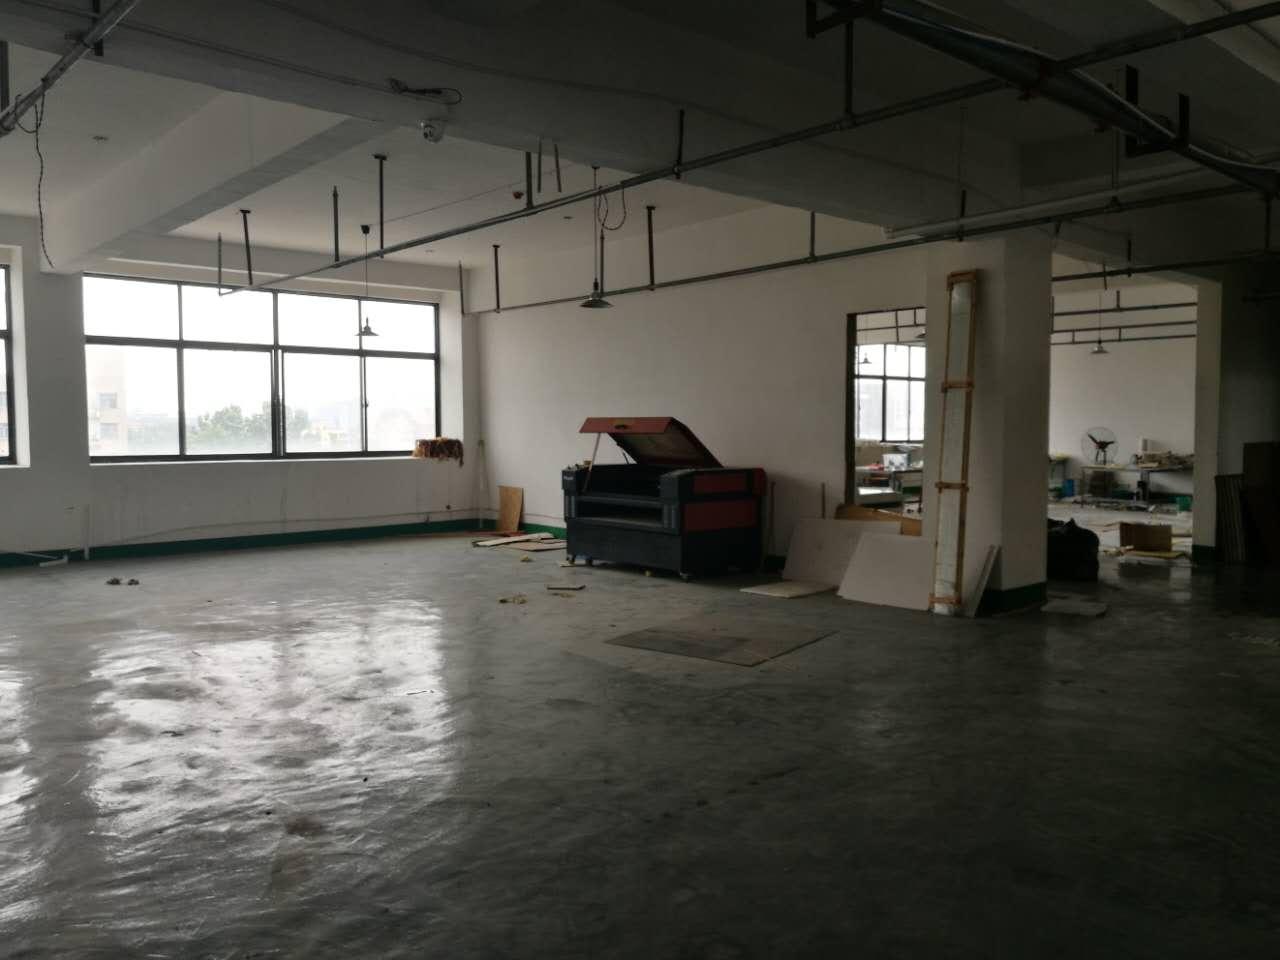 出租厂房南昌青山湖区东升大道碧朗产业园